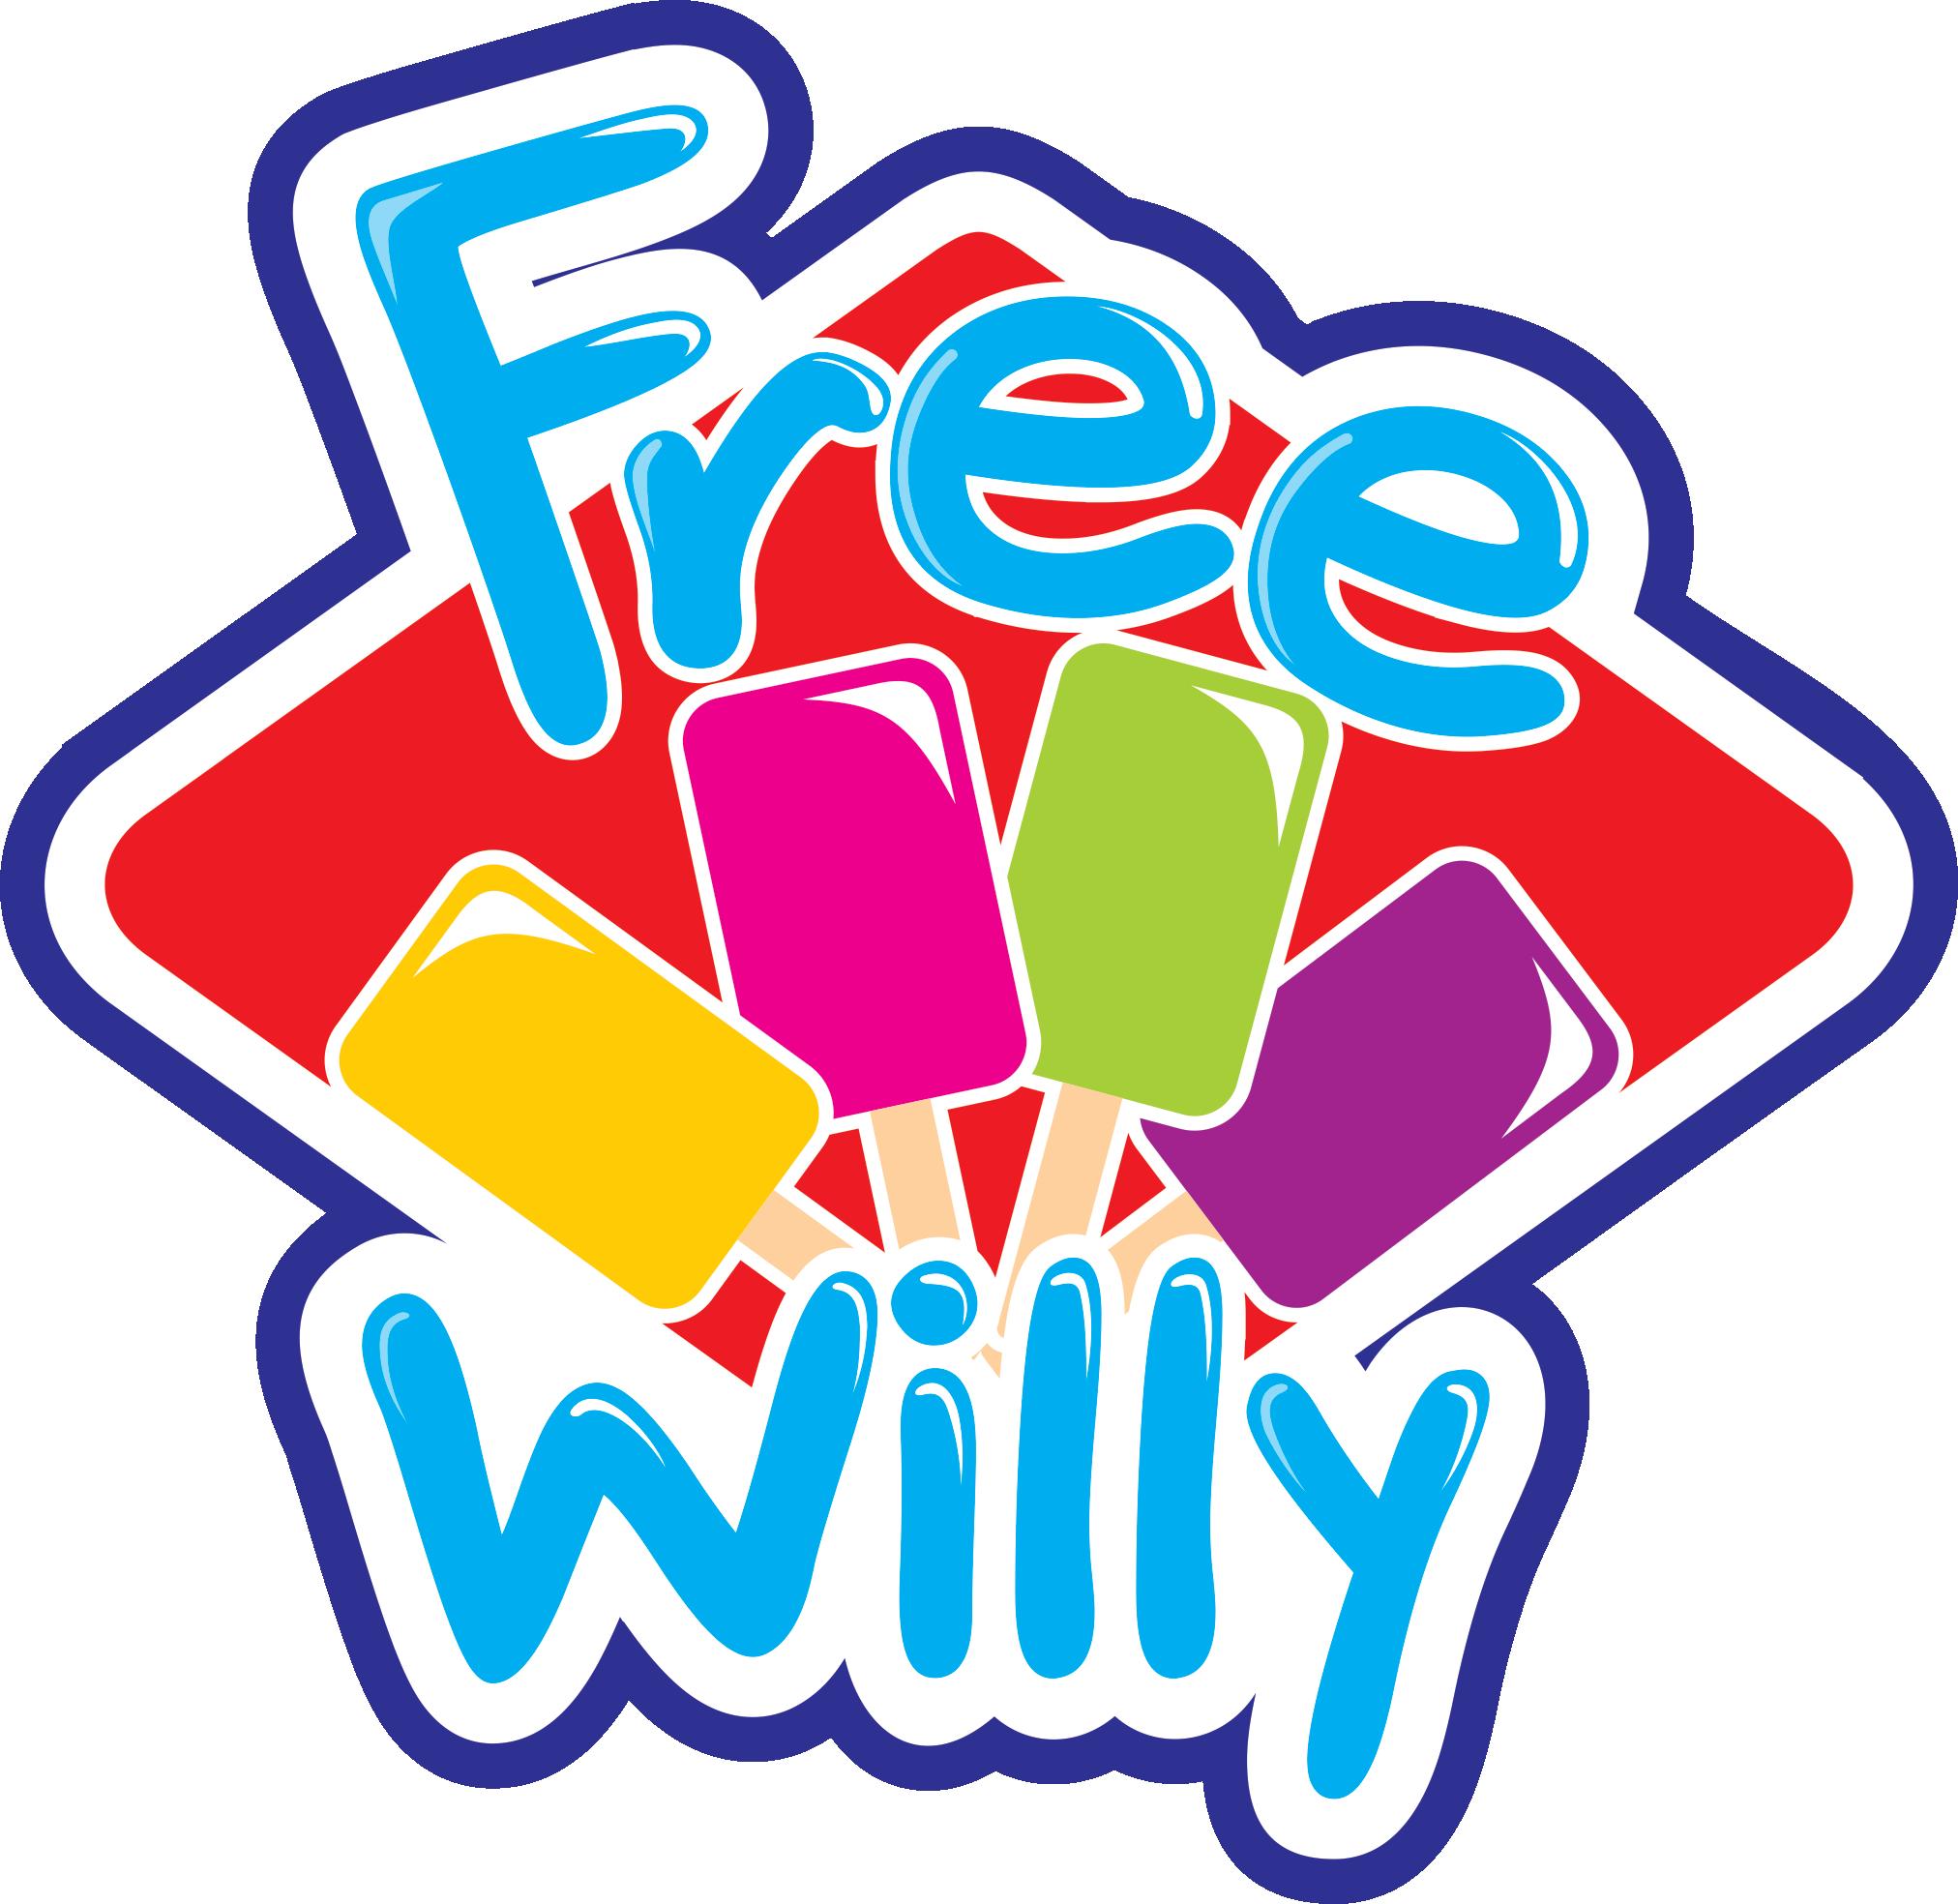 Free Willy Logos